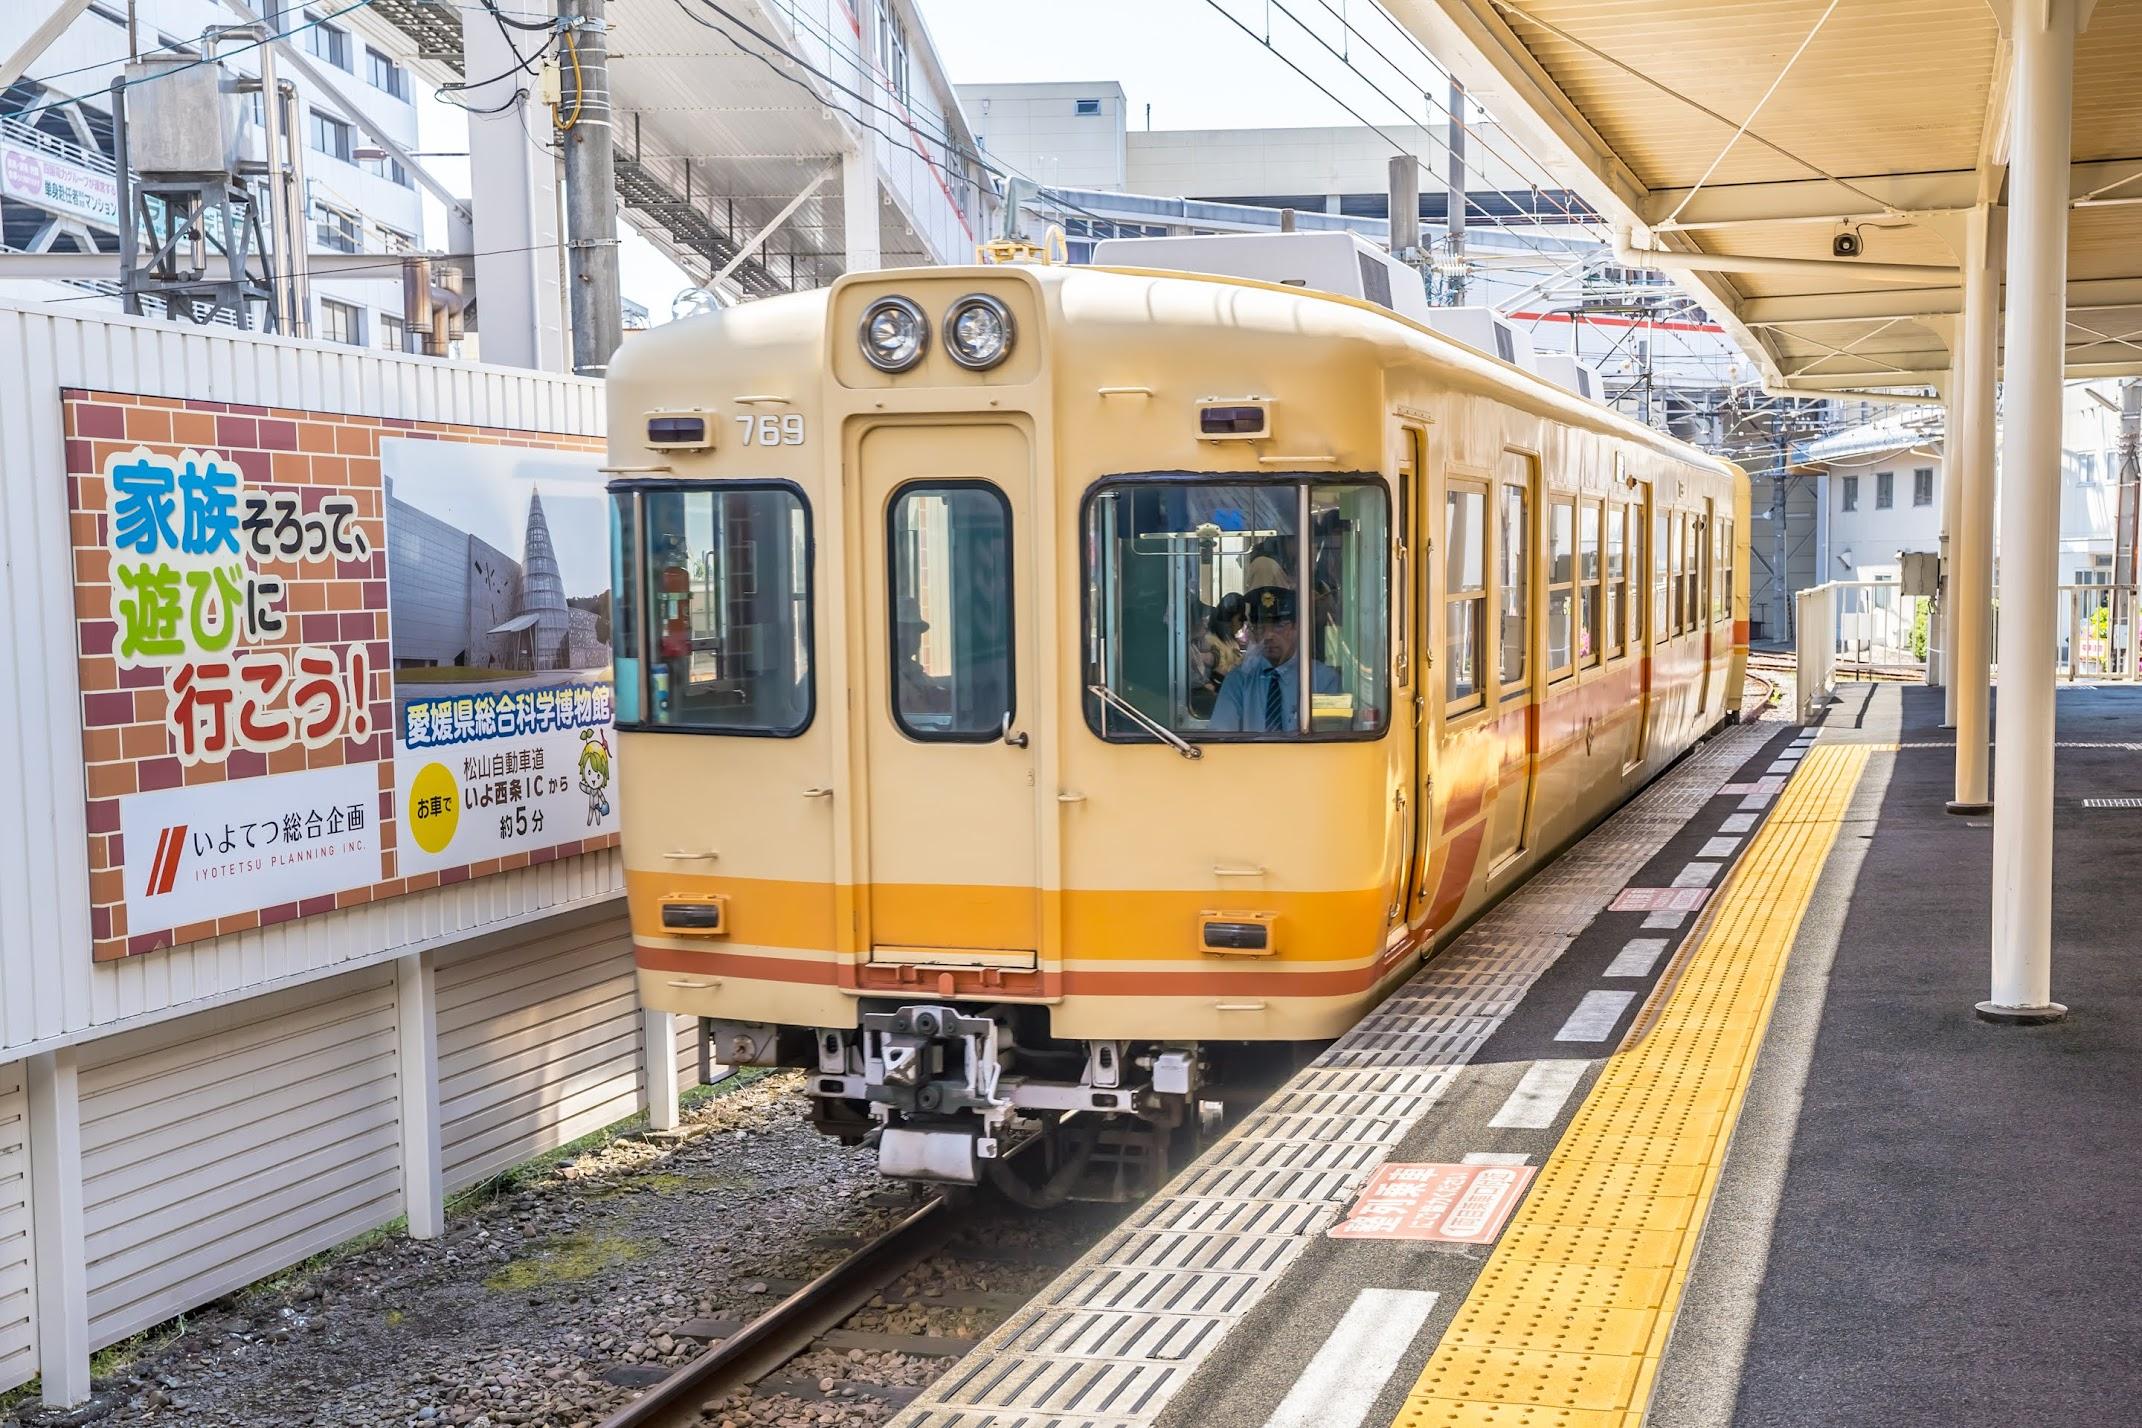 伊予鉄道 郊外電車1